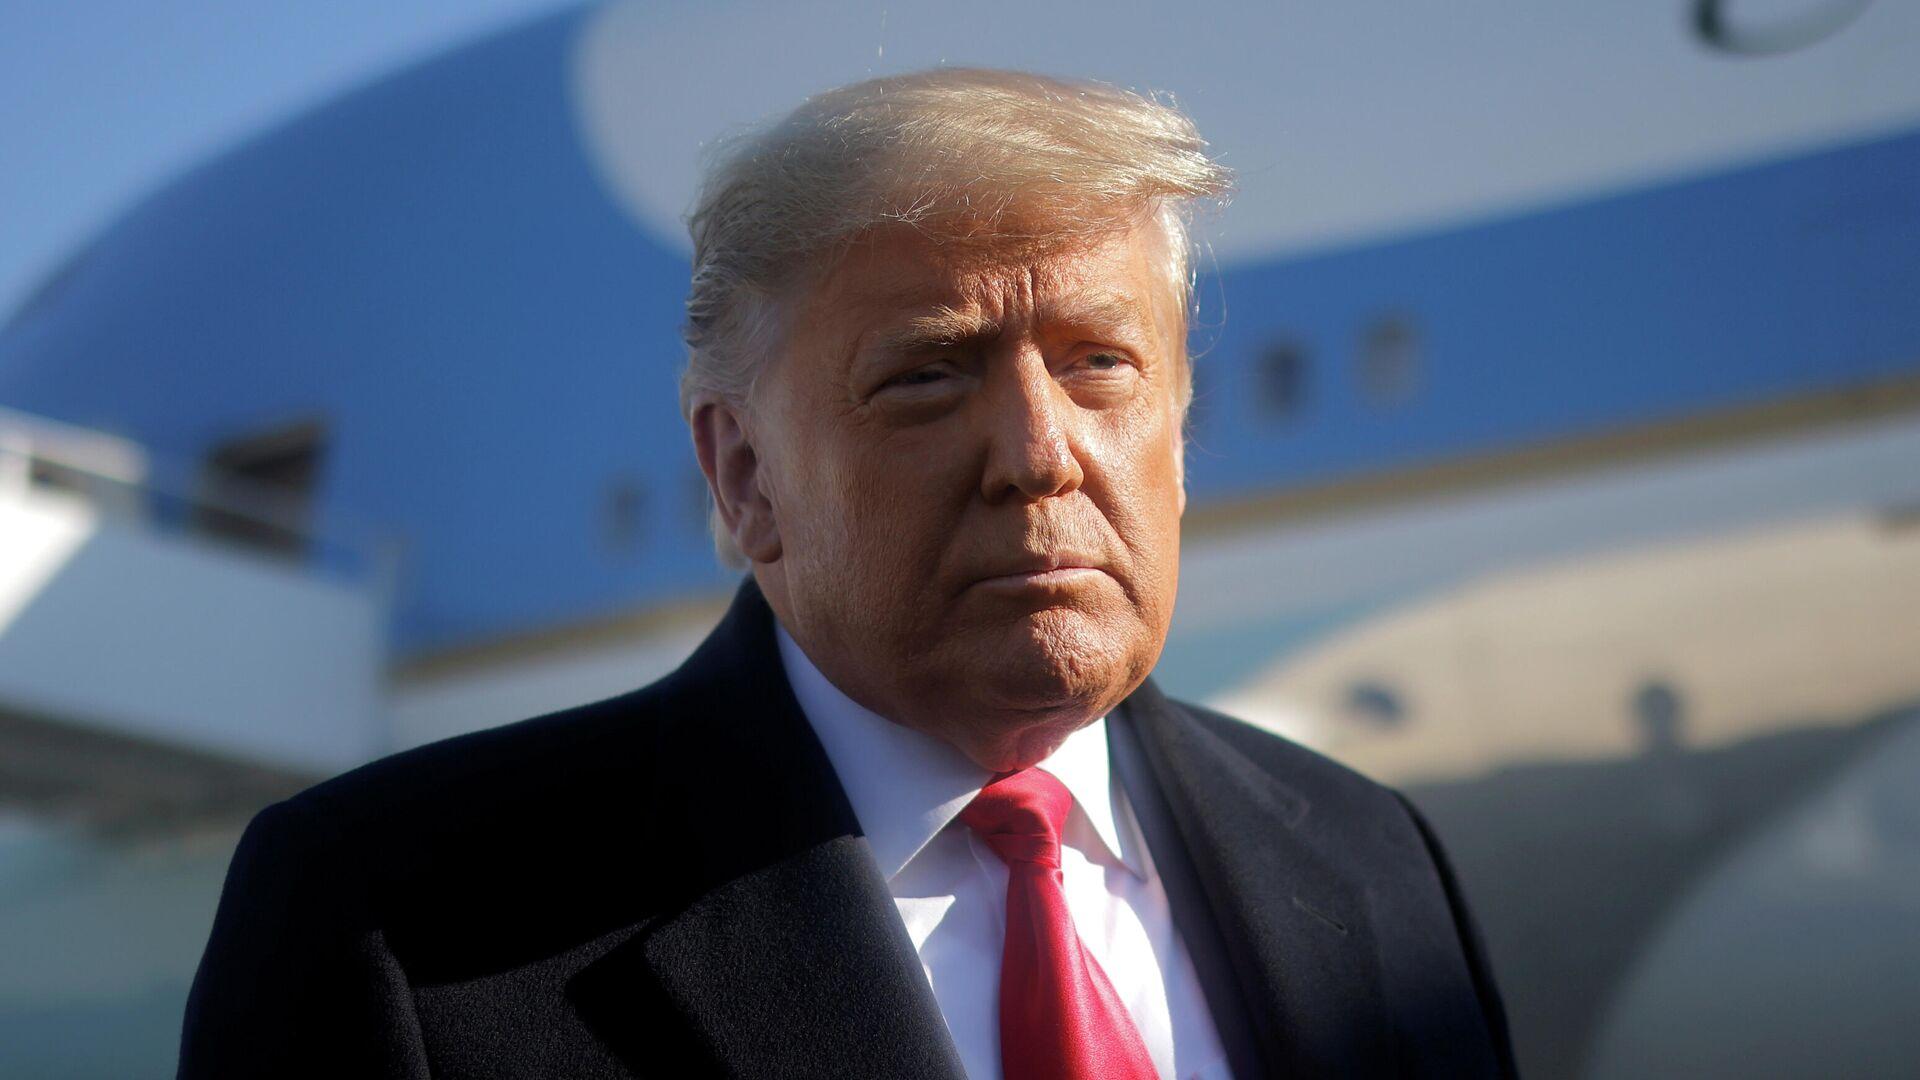 Donald Trump, expresidente de EEUU - Sputnik Mundo, 1920, 22.02.2021